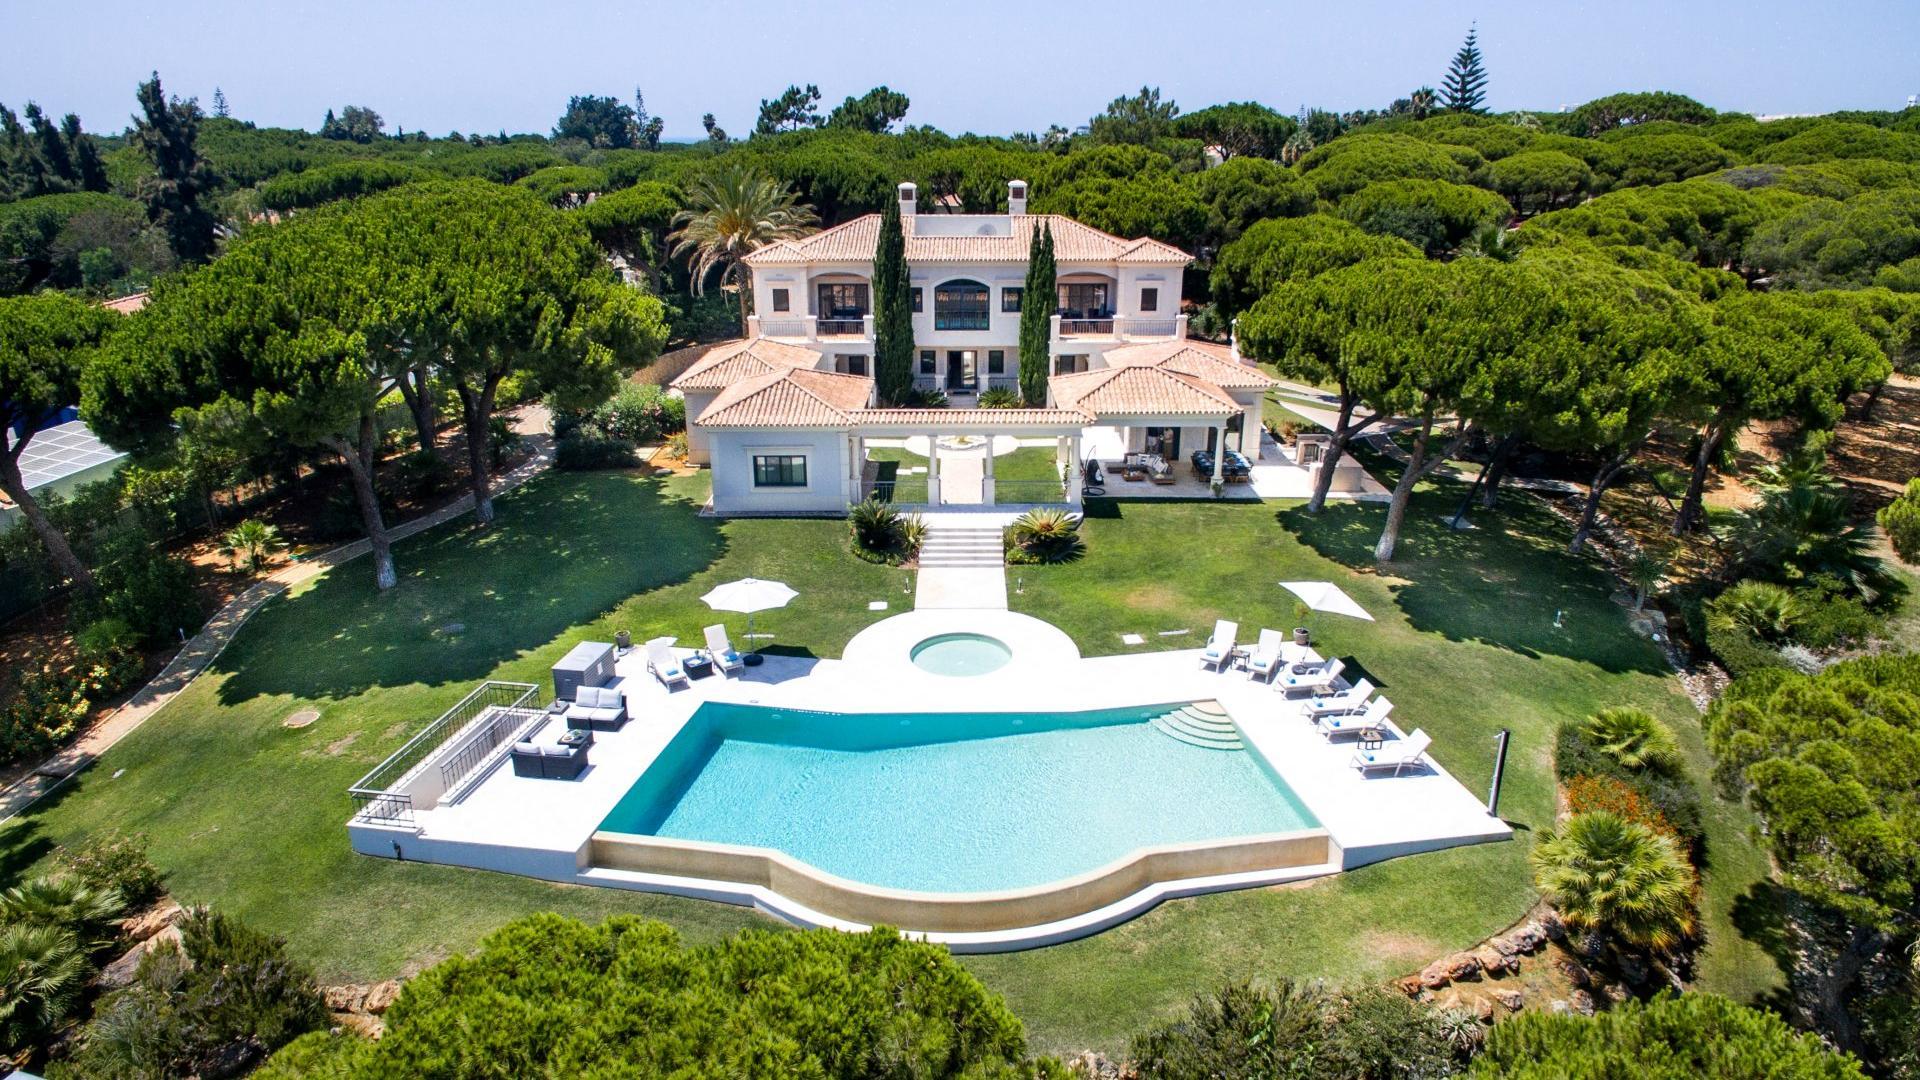 Villa Summer Bay - Fonte Santa, Vale do Lobo, Algarve - 29_Fonte_Santa_85.jpg